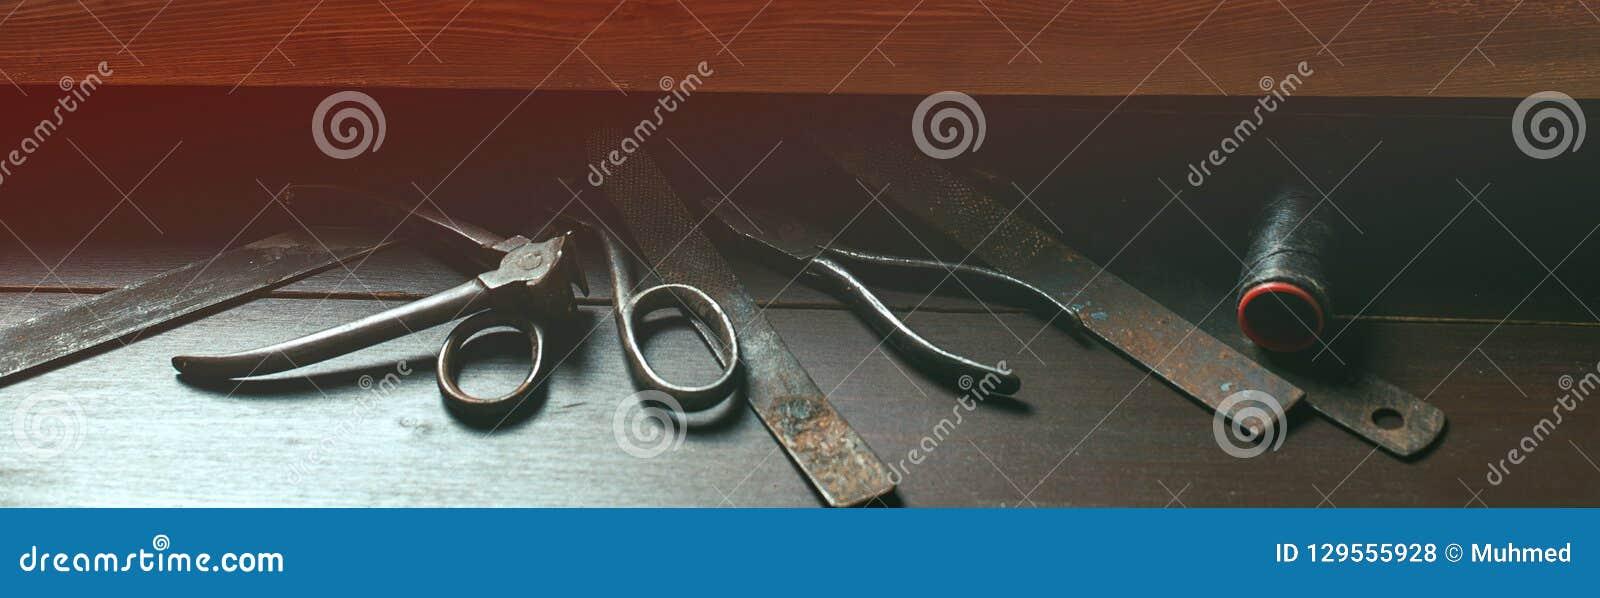 Shoemaker`s work desk. Old tools on wooden table. Shoemaker`s shop. Instruments at cobbler workplace. Vintage style. Shoes maker